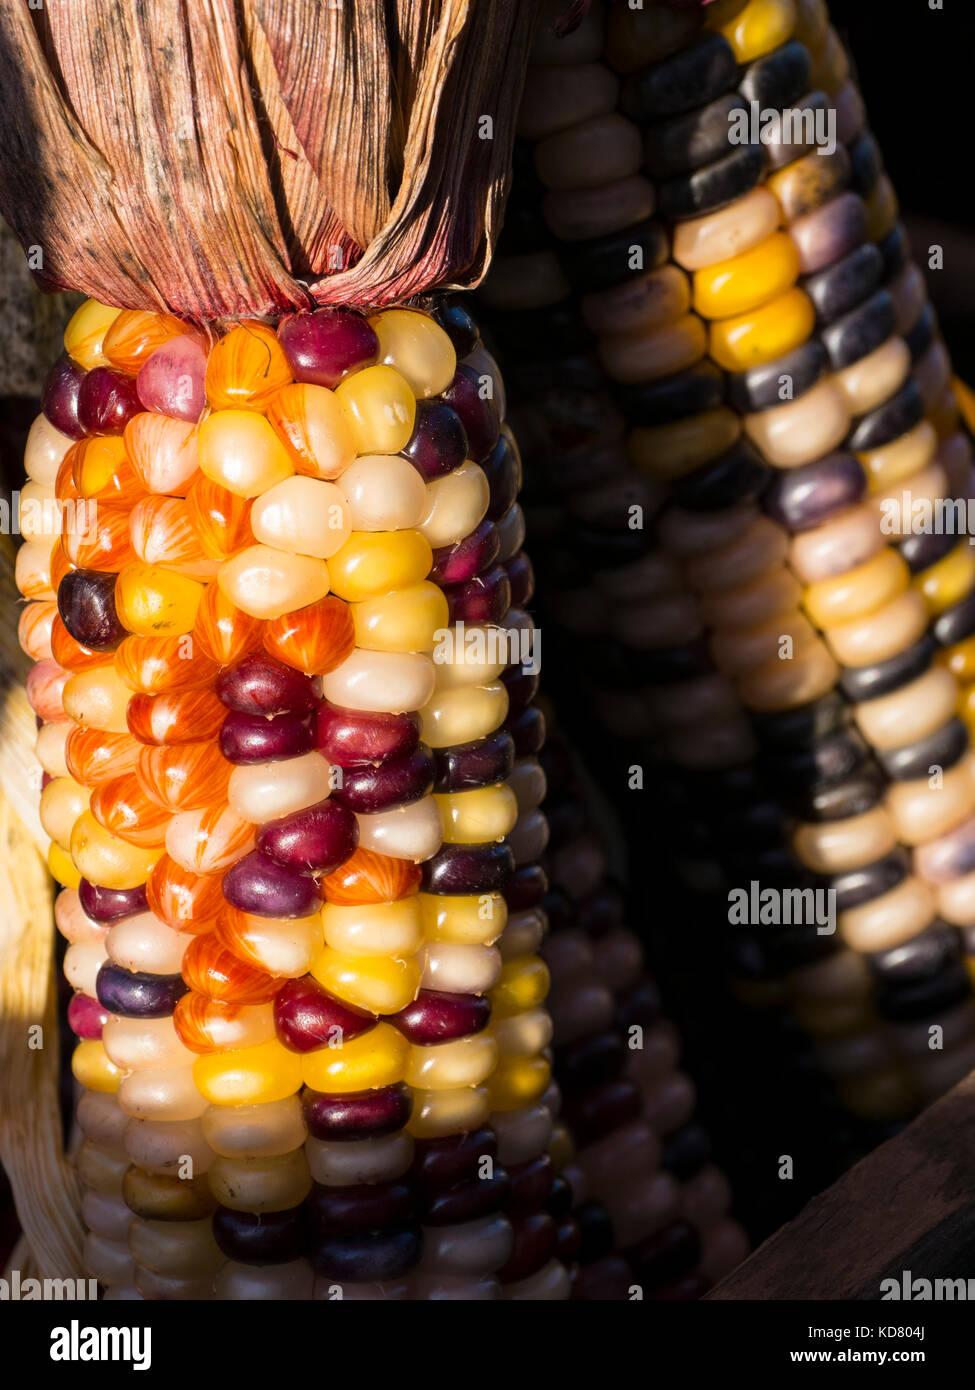 El maíz indio, Woodstock Farmers' Market, al oeste de Woodstock, Vermont. Imagen De Stock